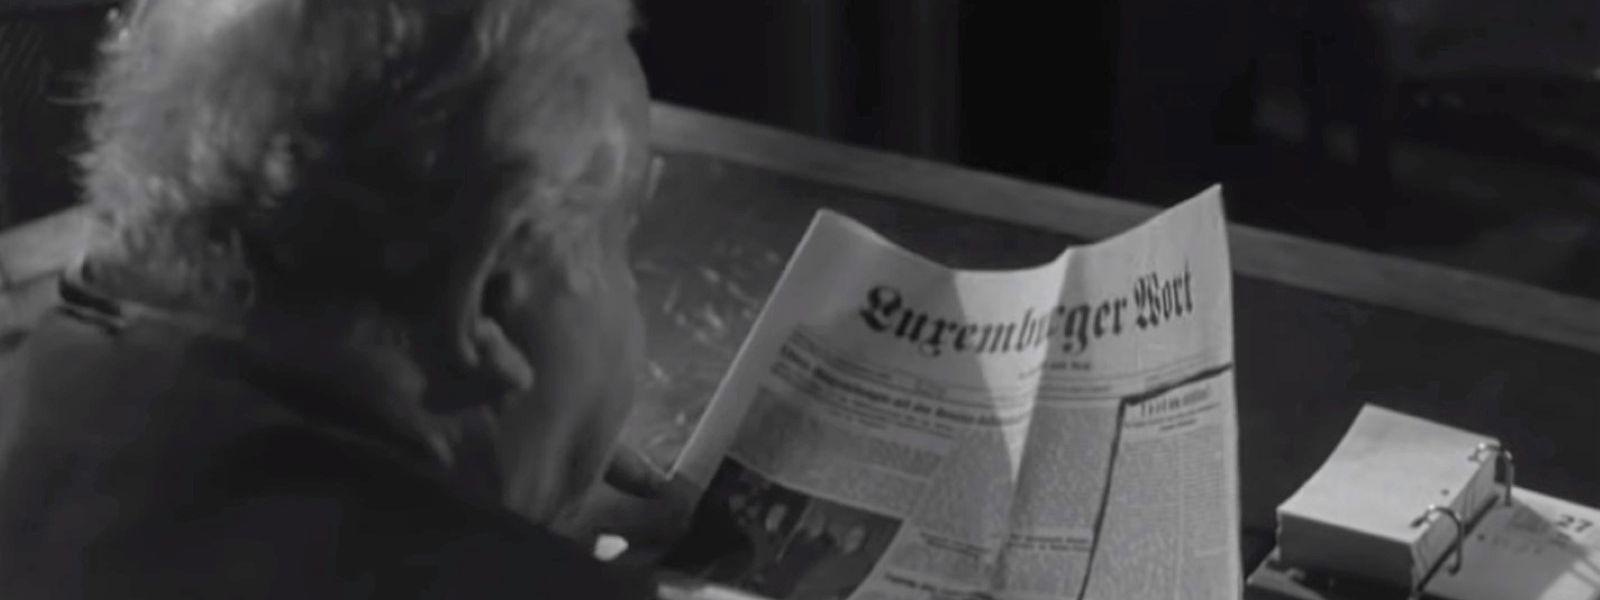 Joseph Bech beim Zeitung lesen.